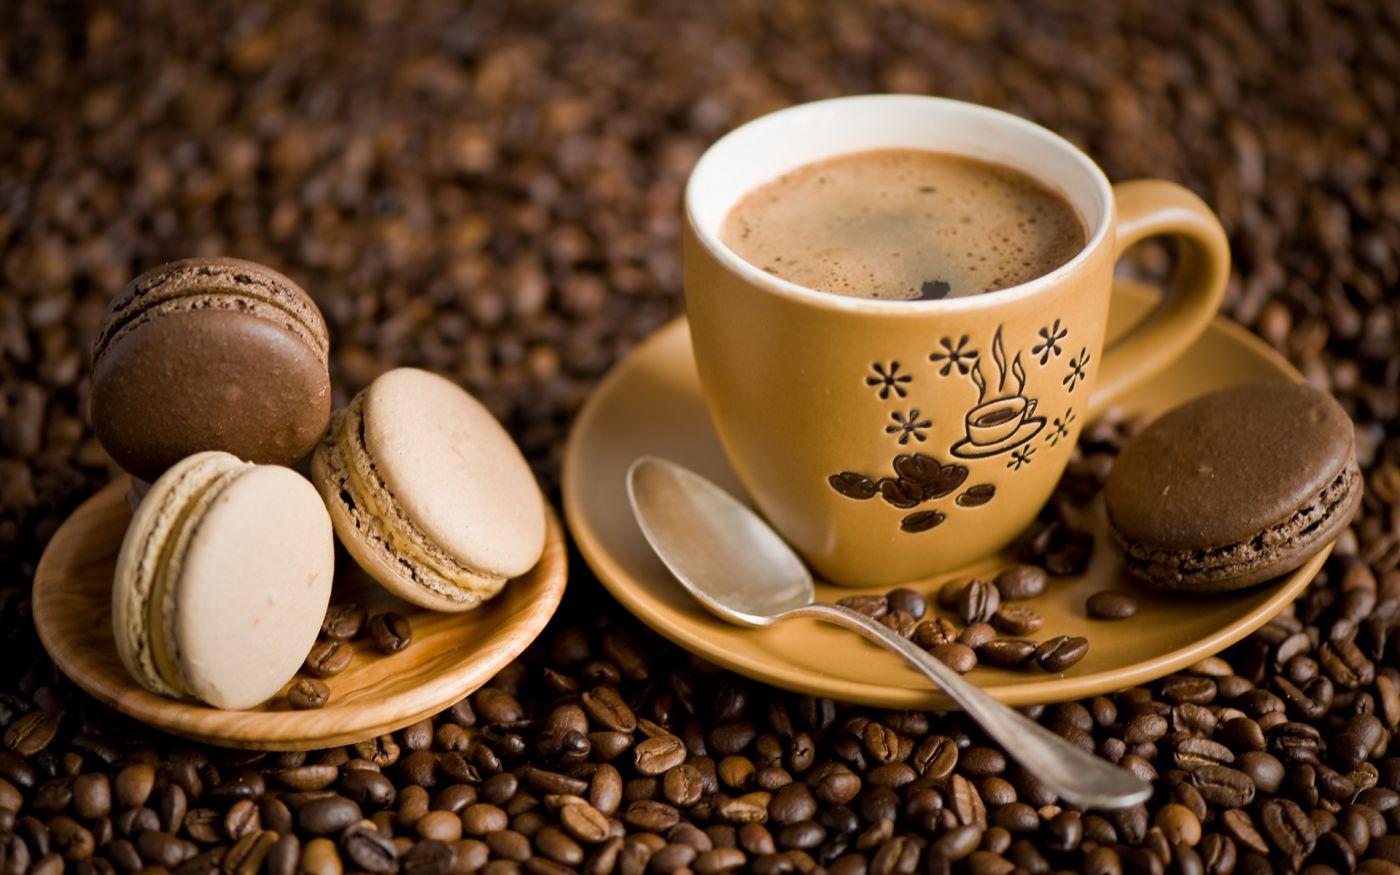 高清晰马卡龙饼干咖啡早餐食品壁纸下载封面大图